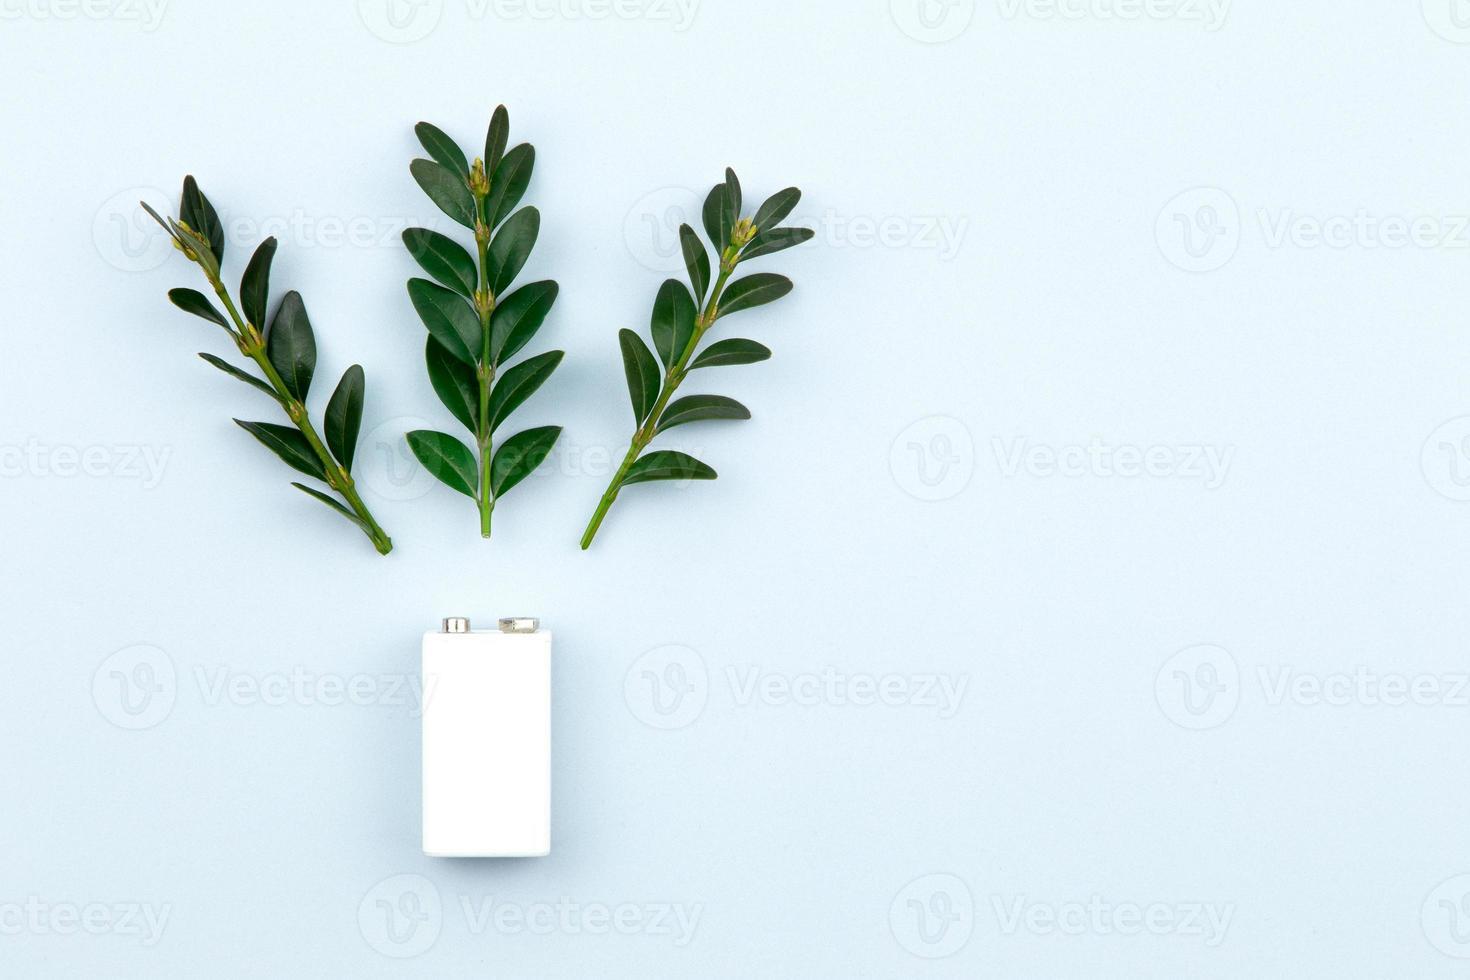 eco energy eller green power illustration med ett vitt batteri och kvistar lämnar på en ljus bakgrund foto